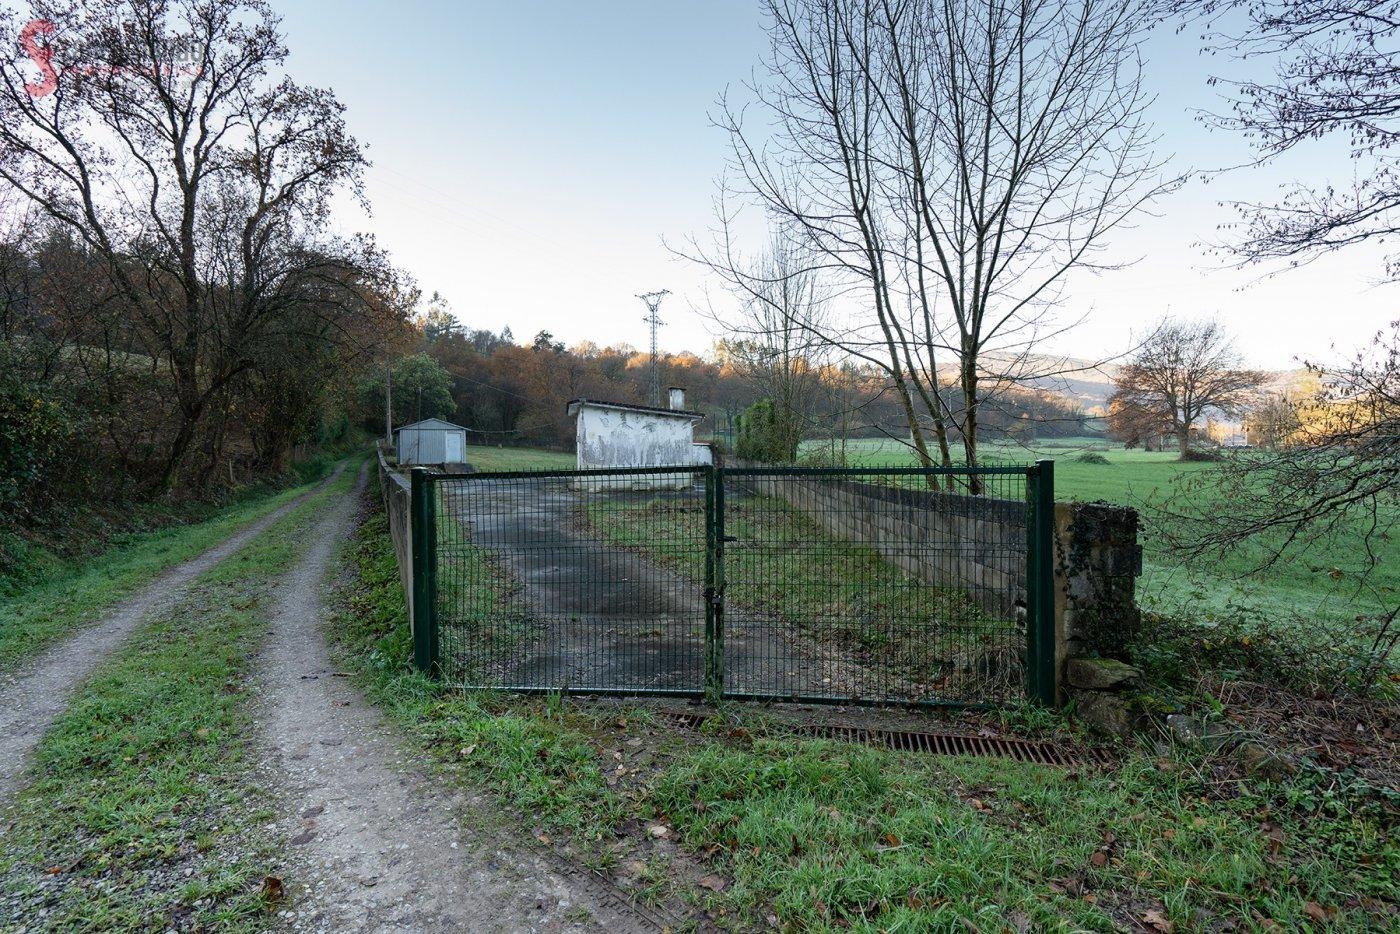 Terreno rural en venta en Los Corrales de Buelna  de 156 m2 por 55.000 €.